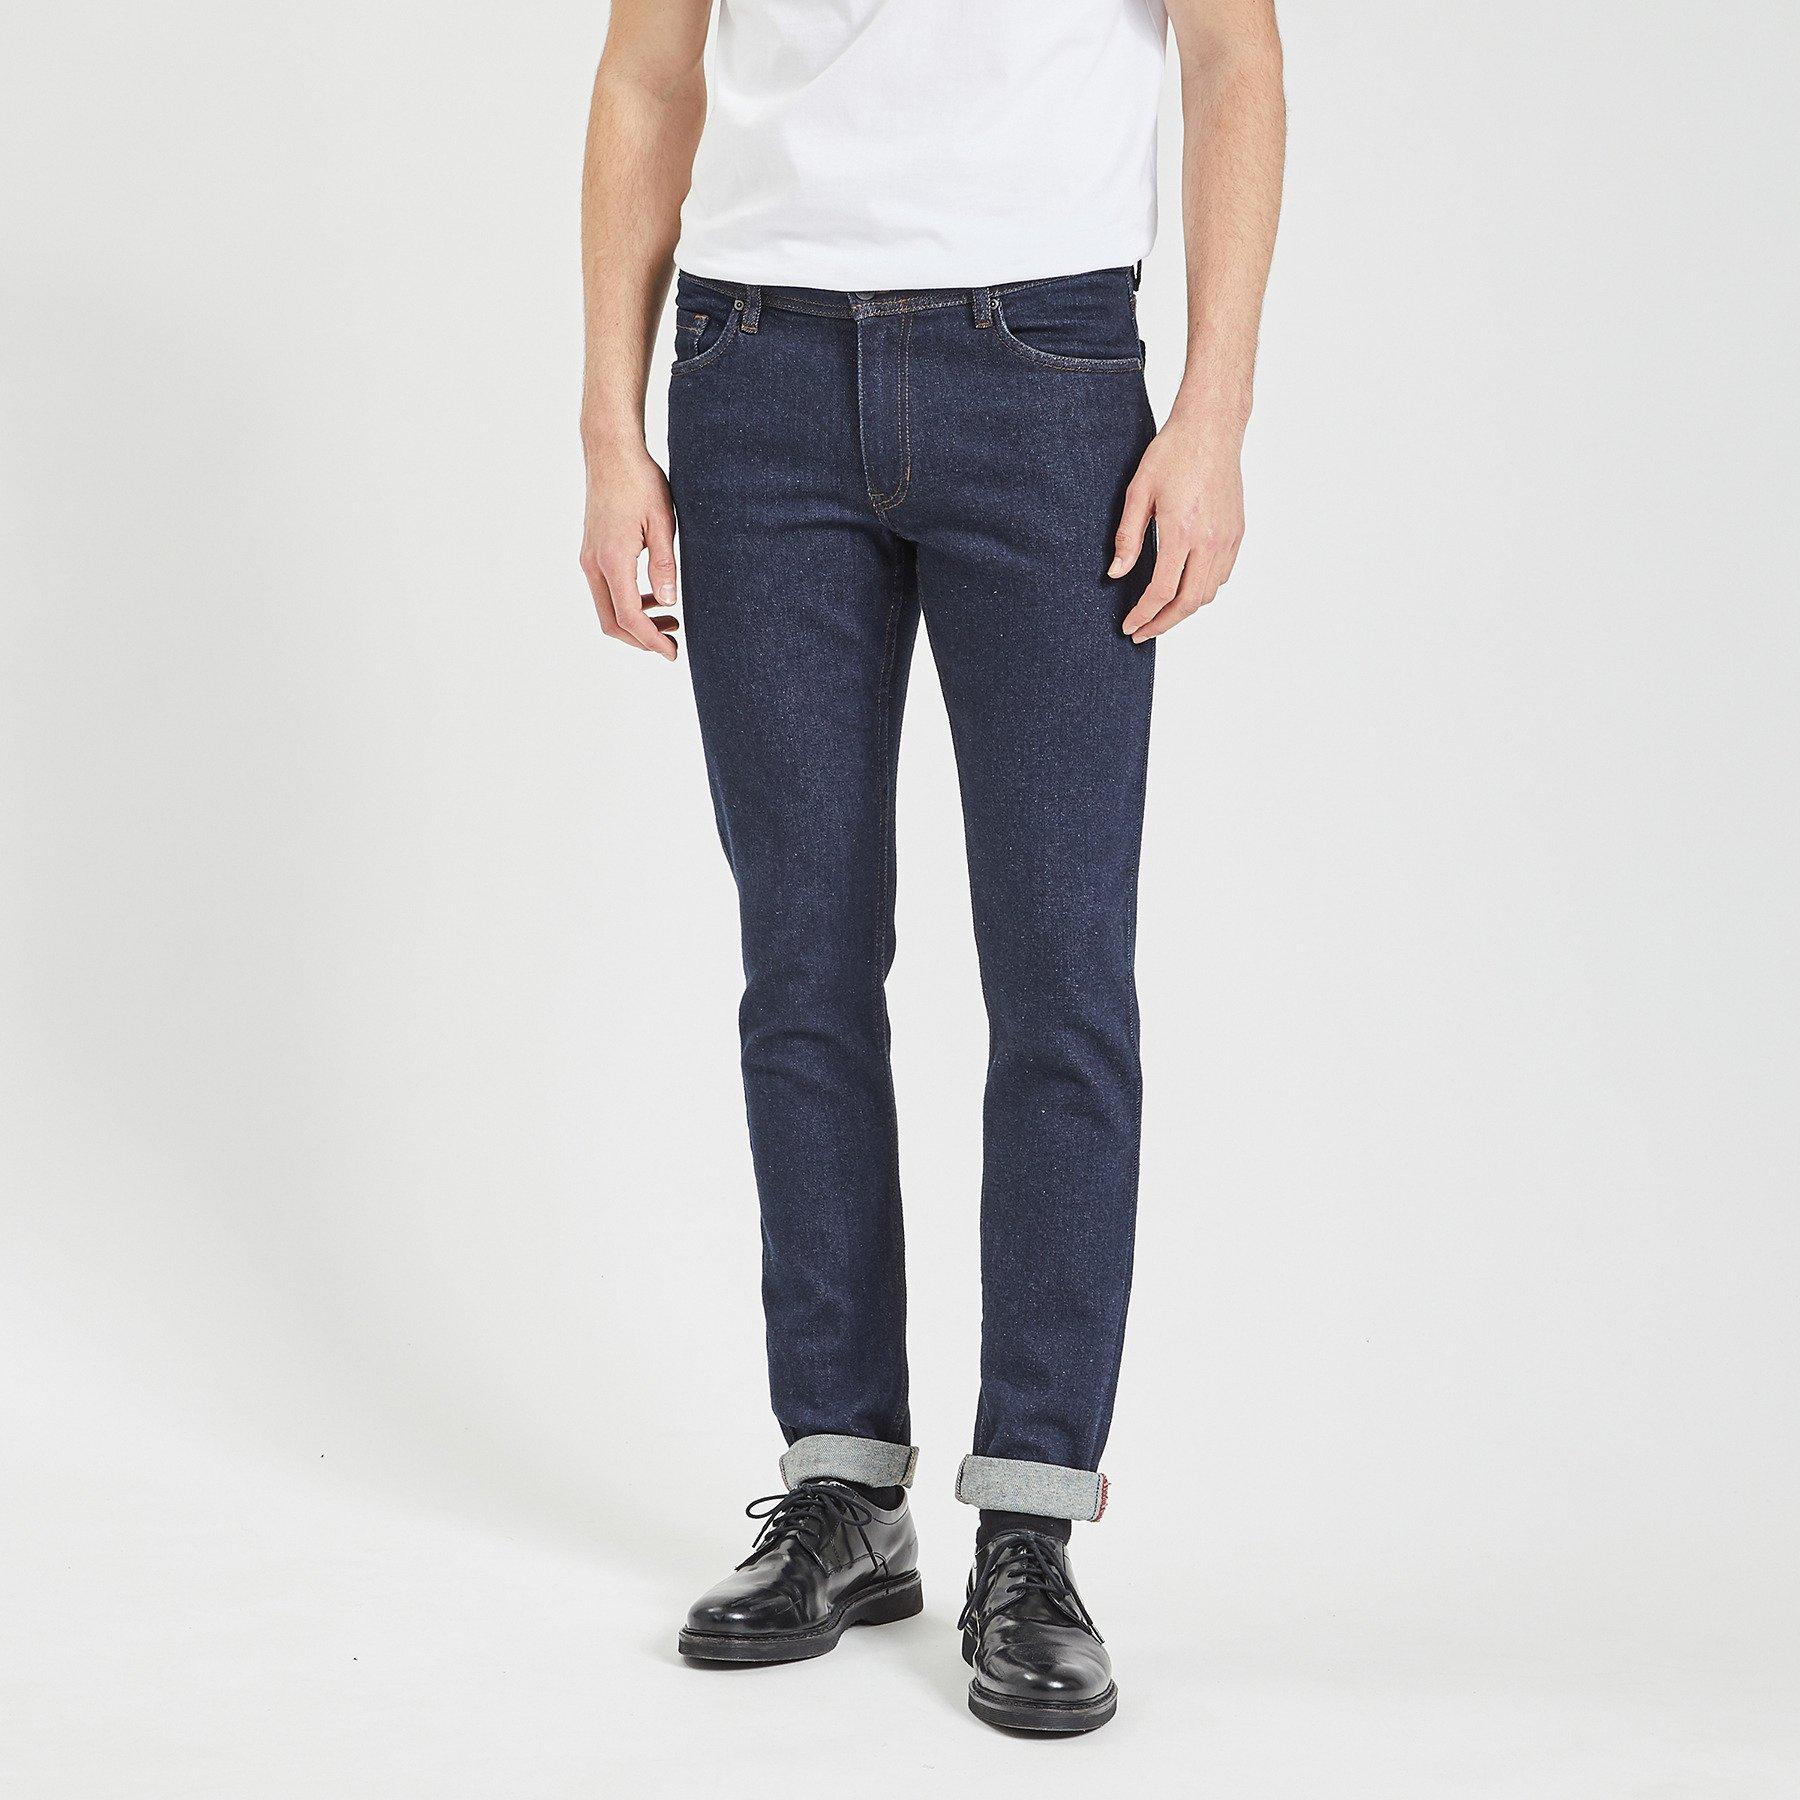 Jean slim #Tom brut Bleu Homme